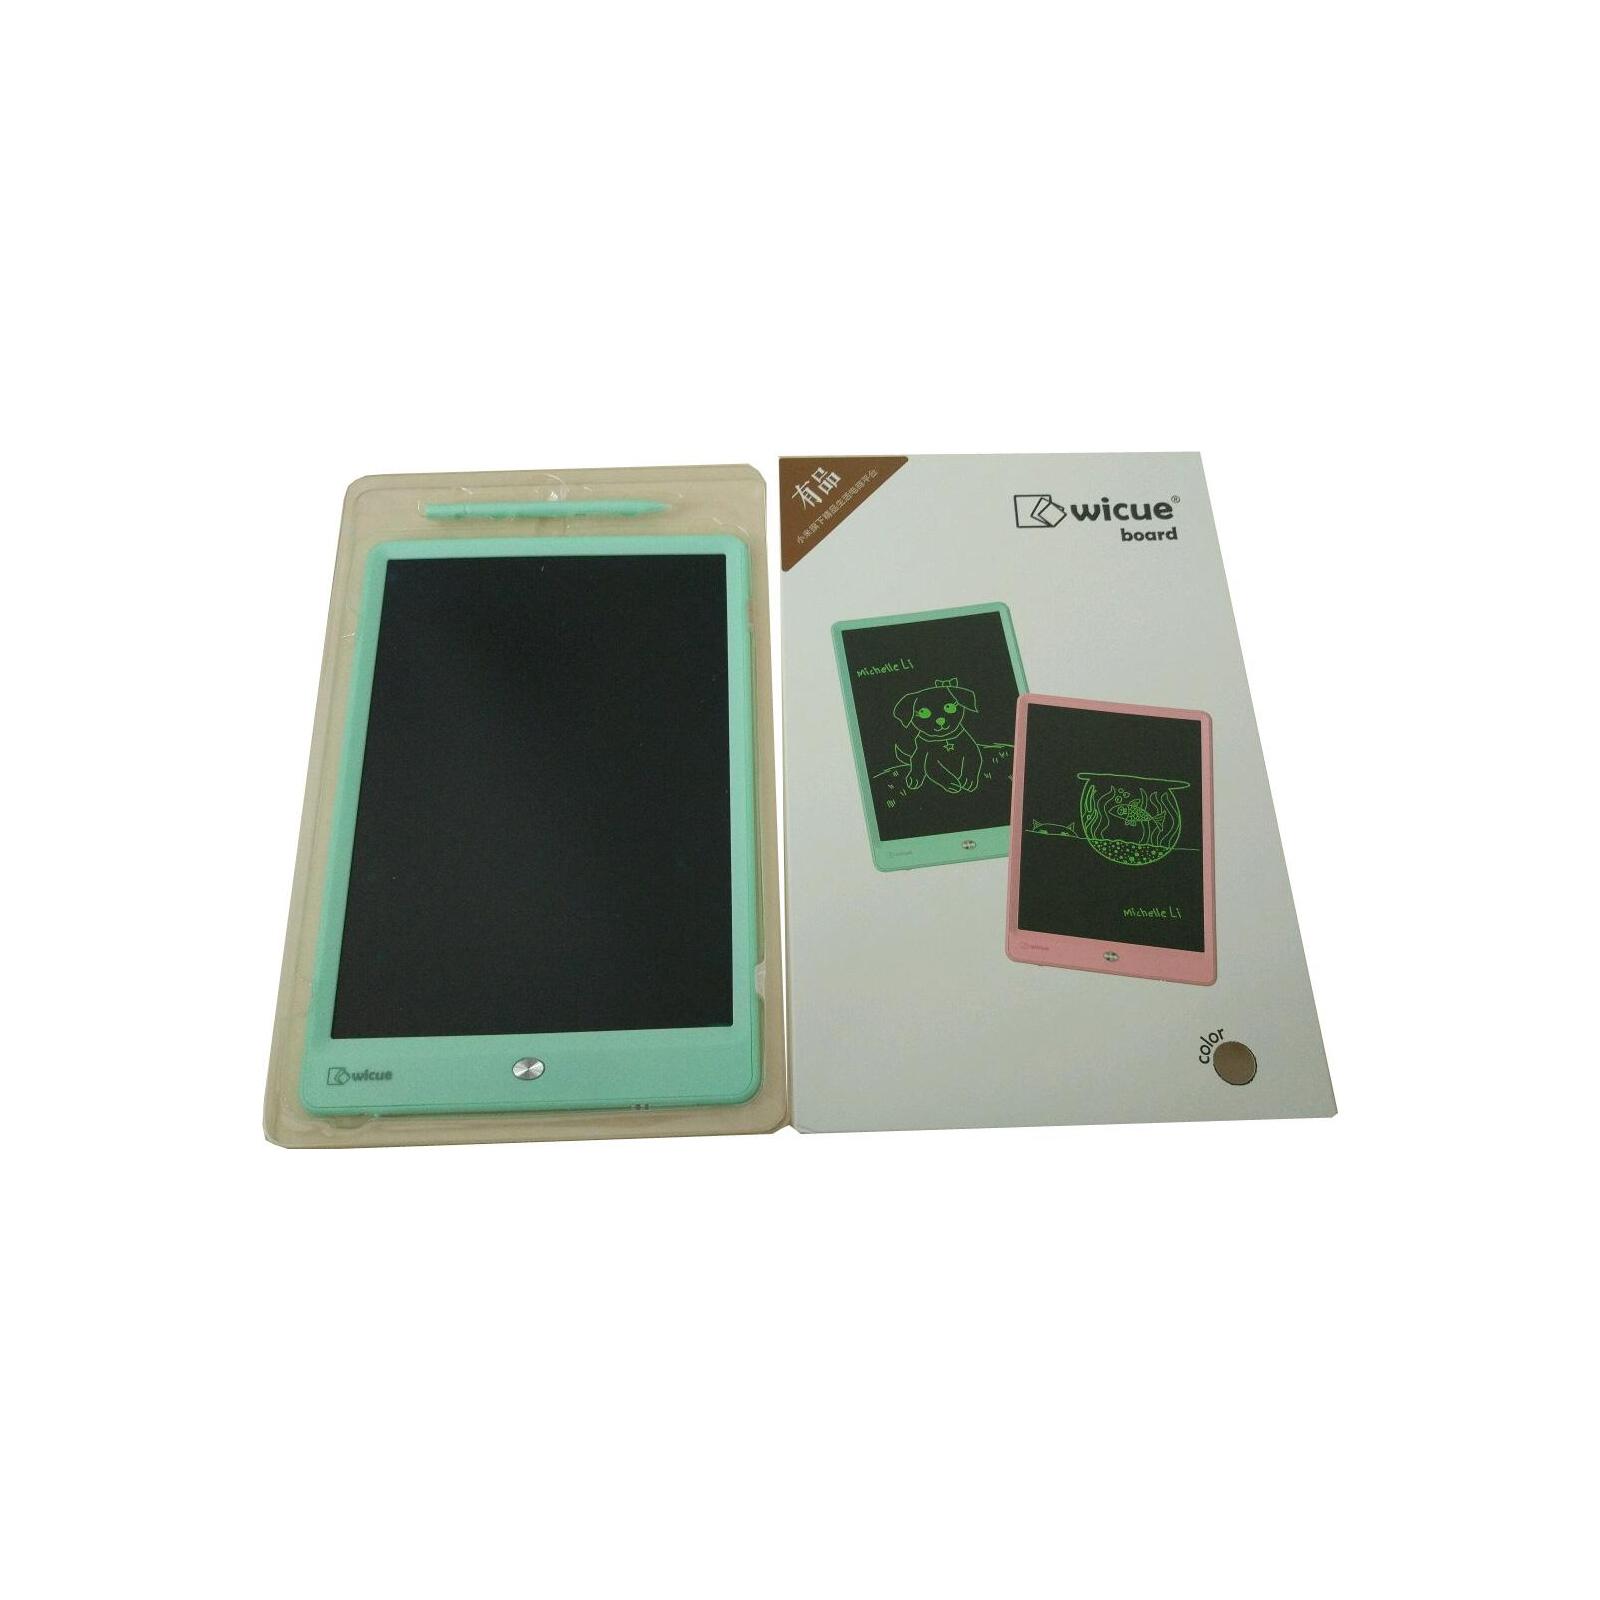 """Графический планшет Xiaomi Wicue Writing tablet 10"""" Green изображение 4"""